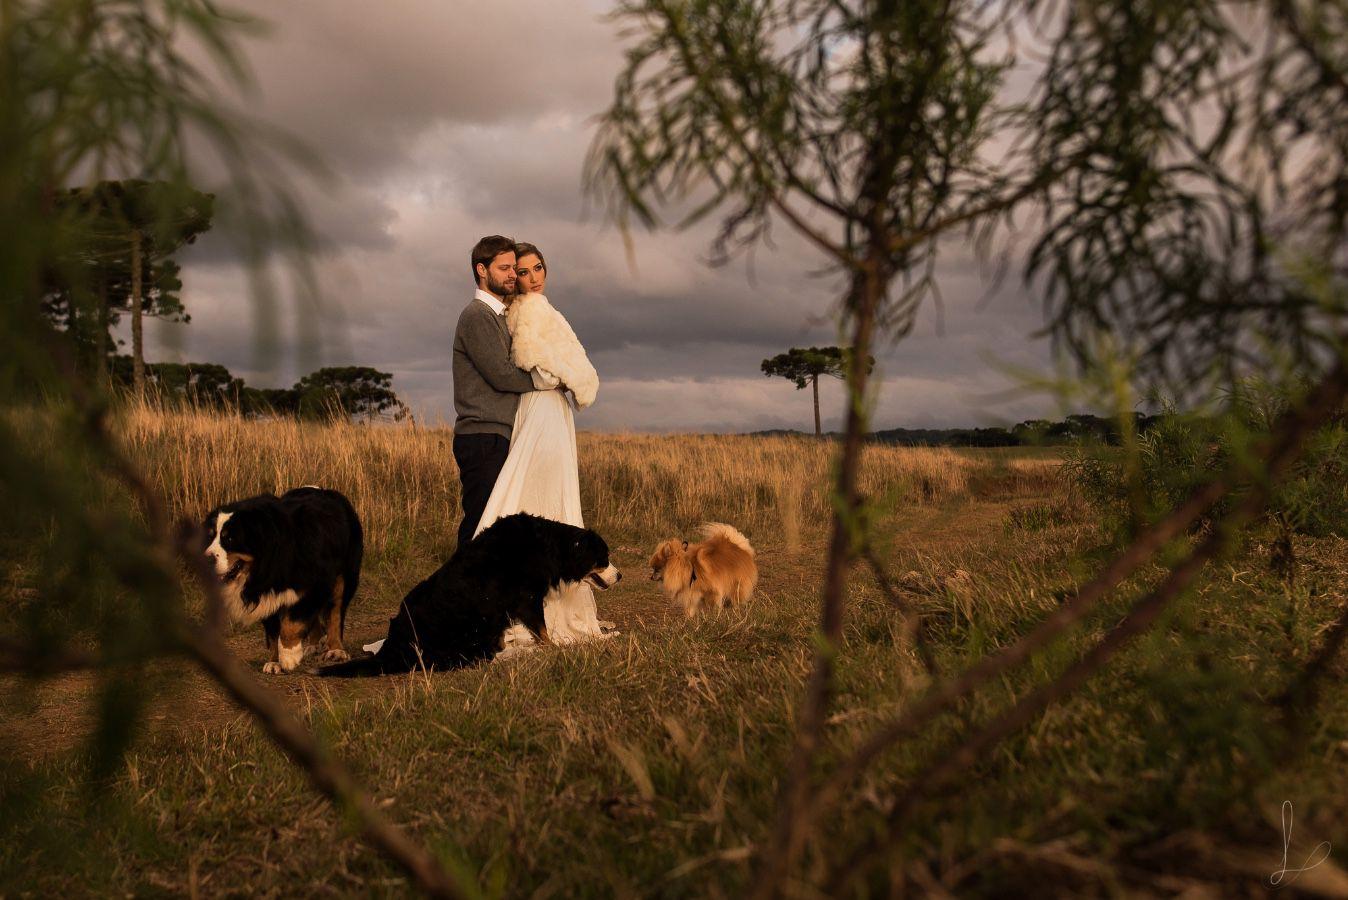 ba7443e3-ac8f-4e26-862c-187a44a7d625 Pré Wedding no interior gaúcho - Nicole e Rafael | Inspire-se